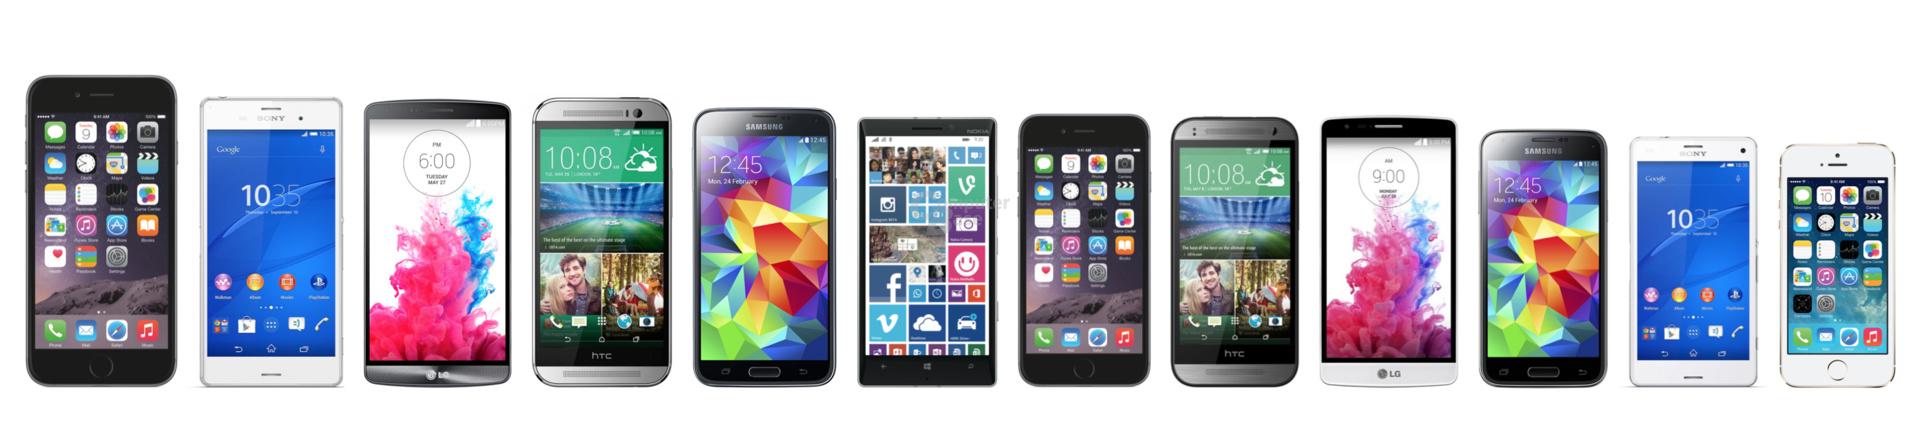 Das iPhone 6 Plus steht über allen, das iPhone 6 zwischen den Fronten